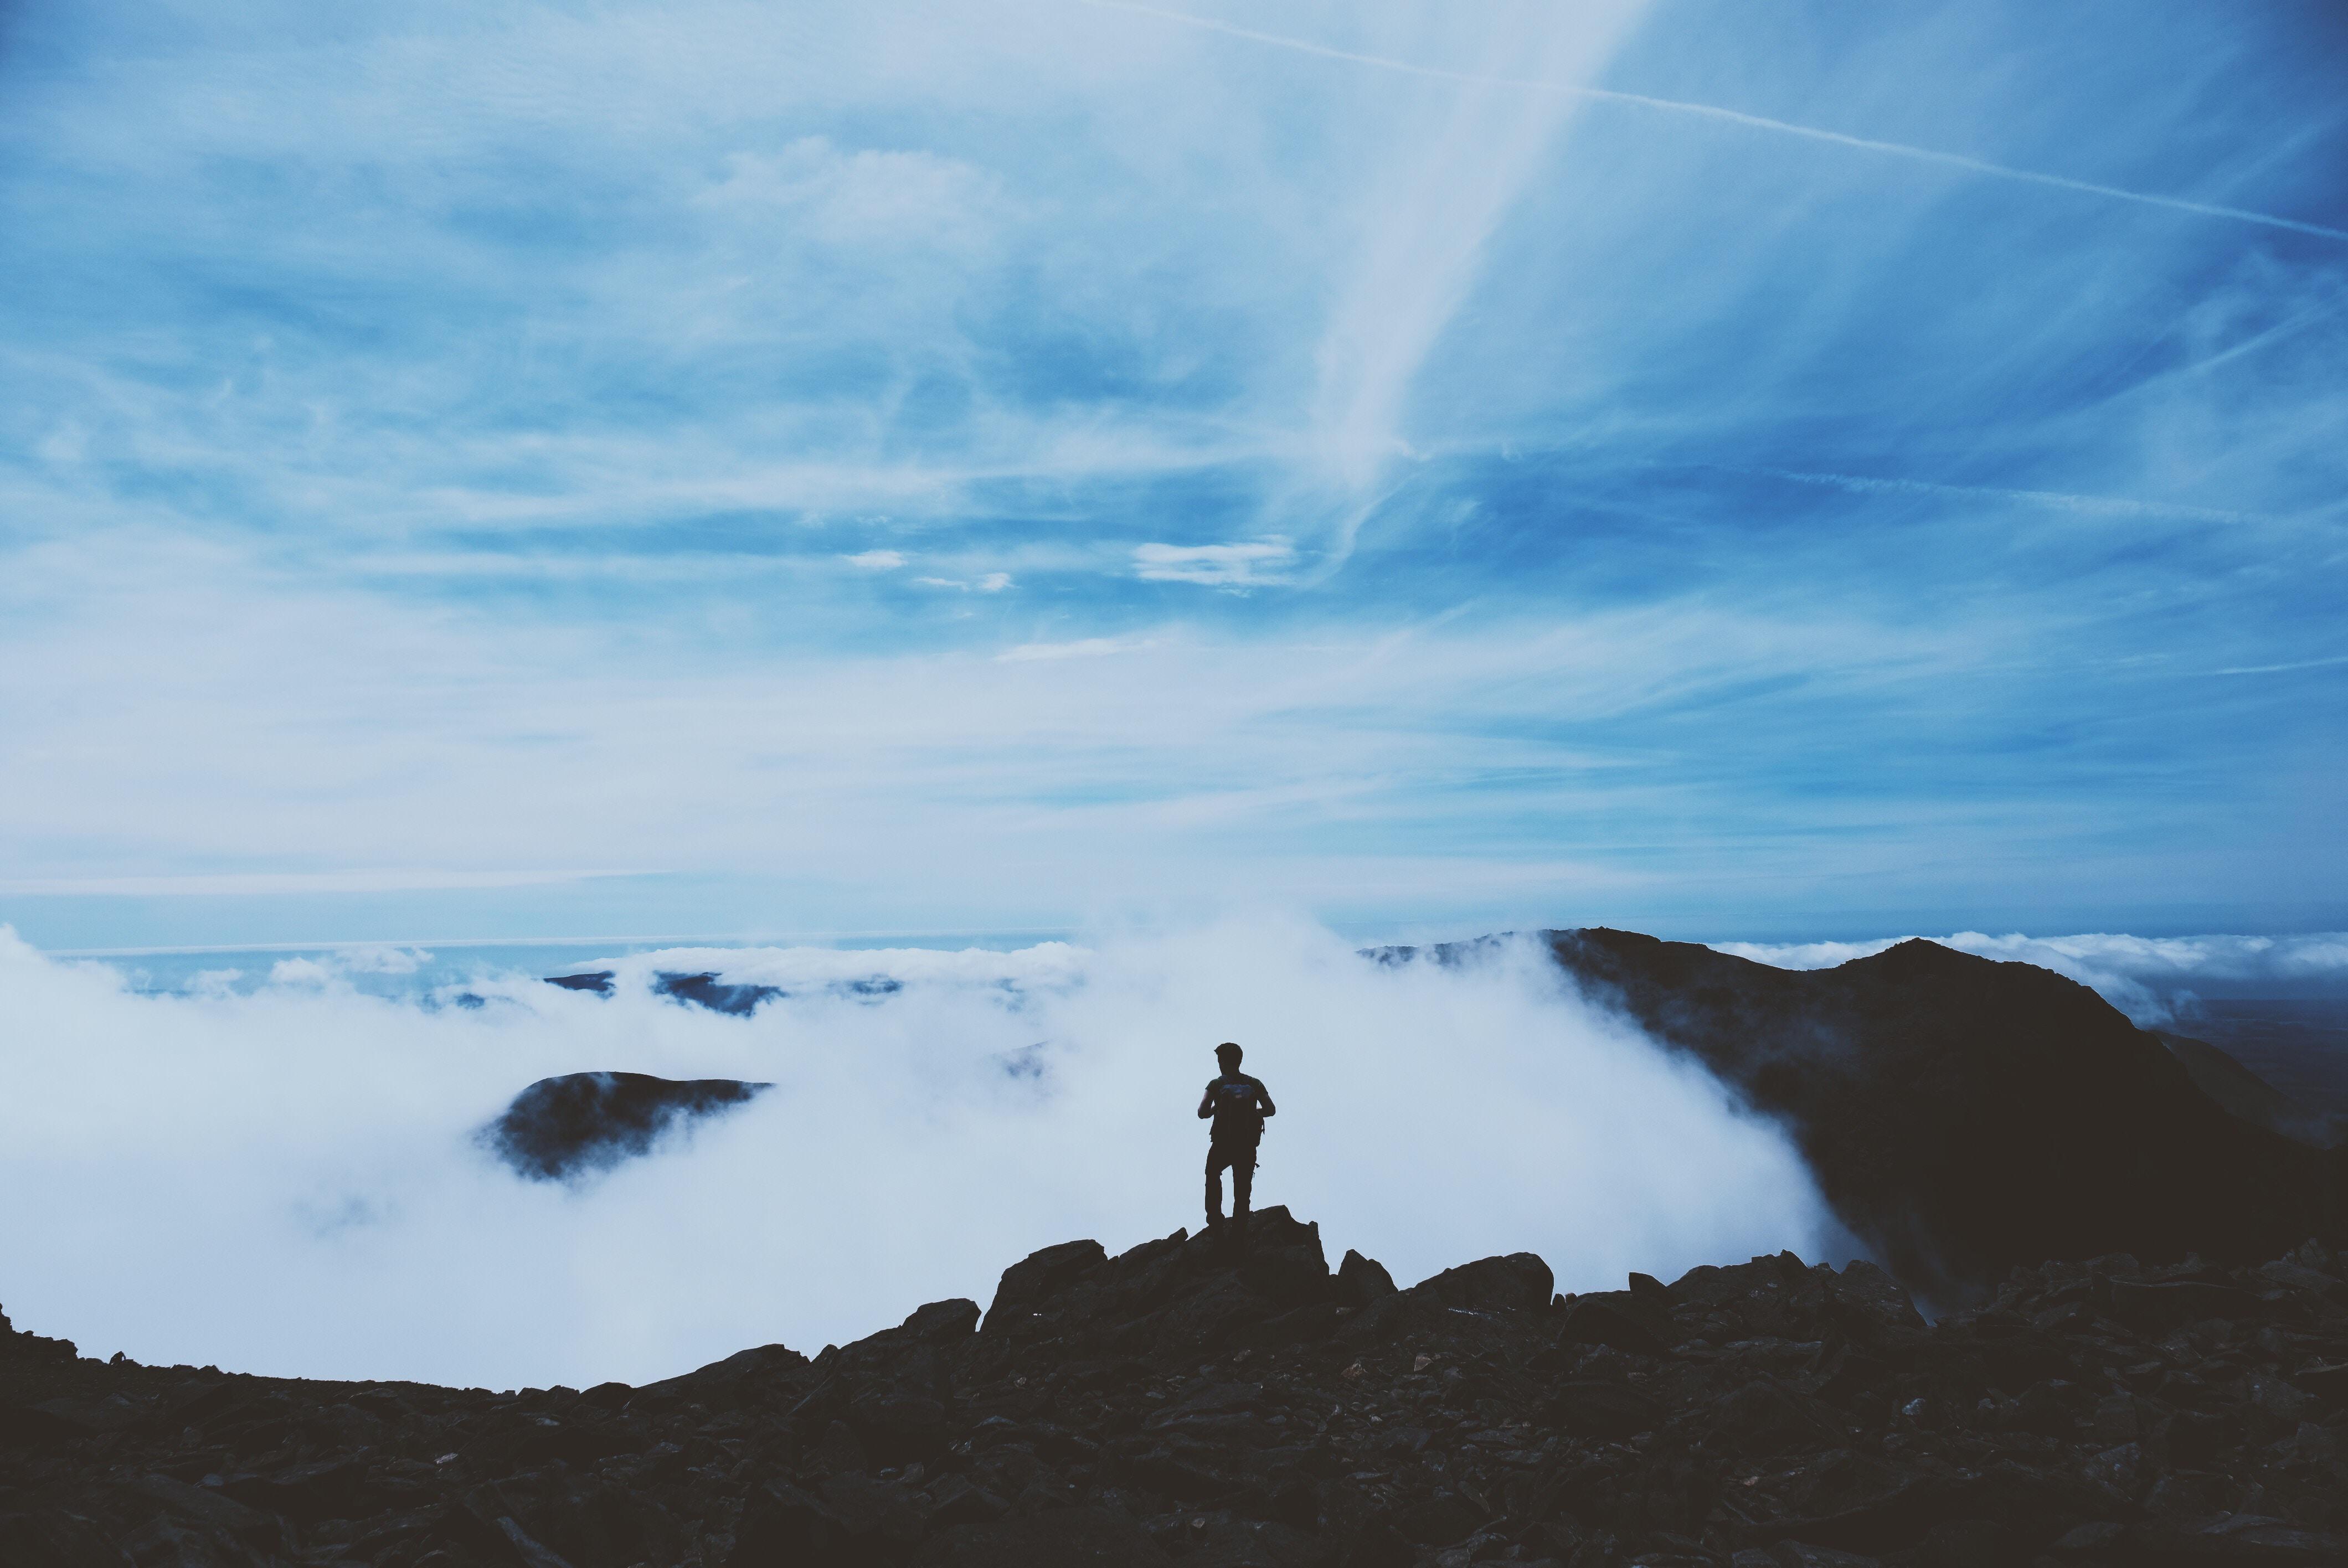 101038 скачать обои Природа, Человек, Силуэт, Облака, Вершина, Горы - заставки и картинки бесплатно